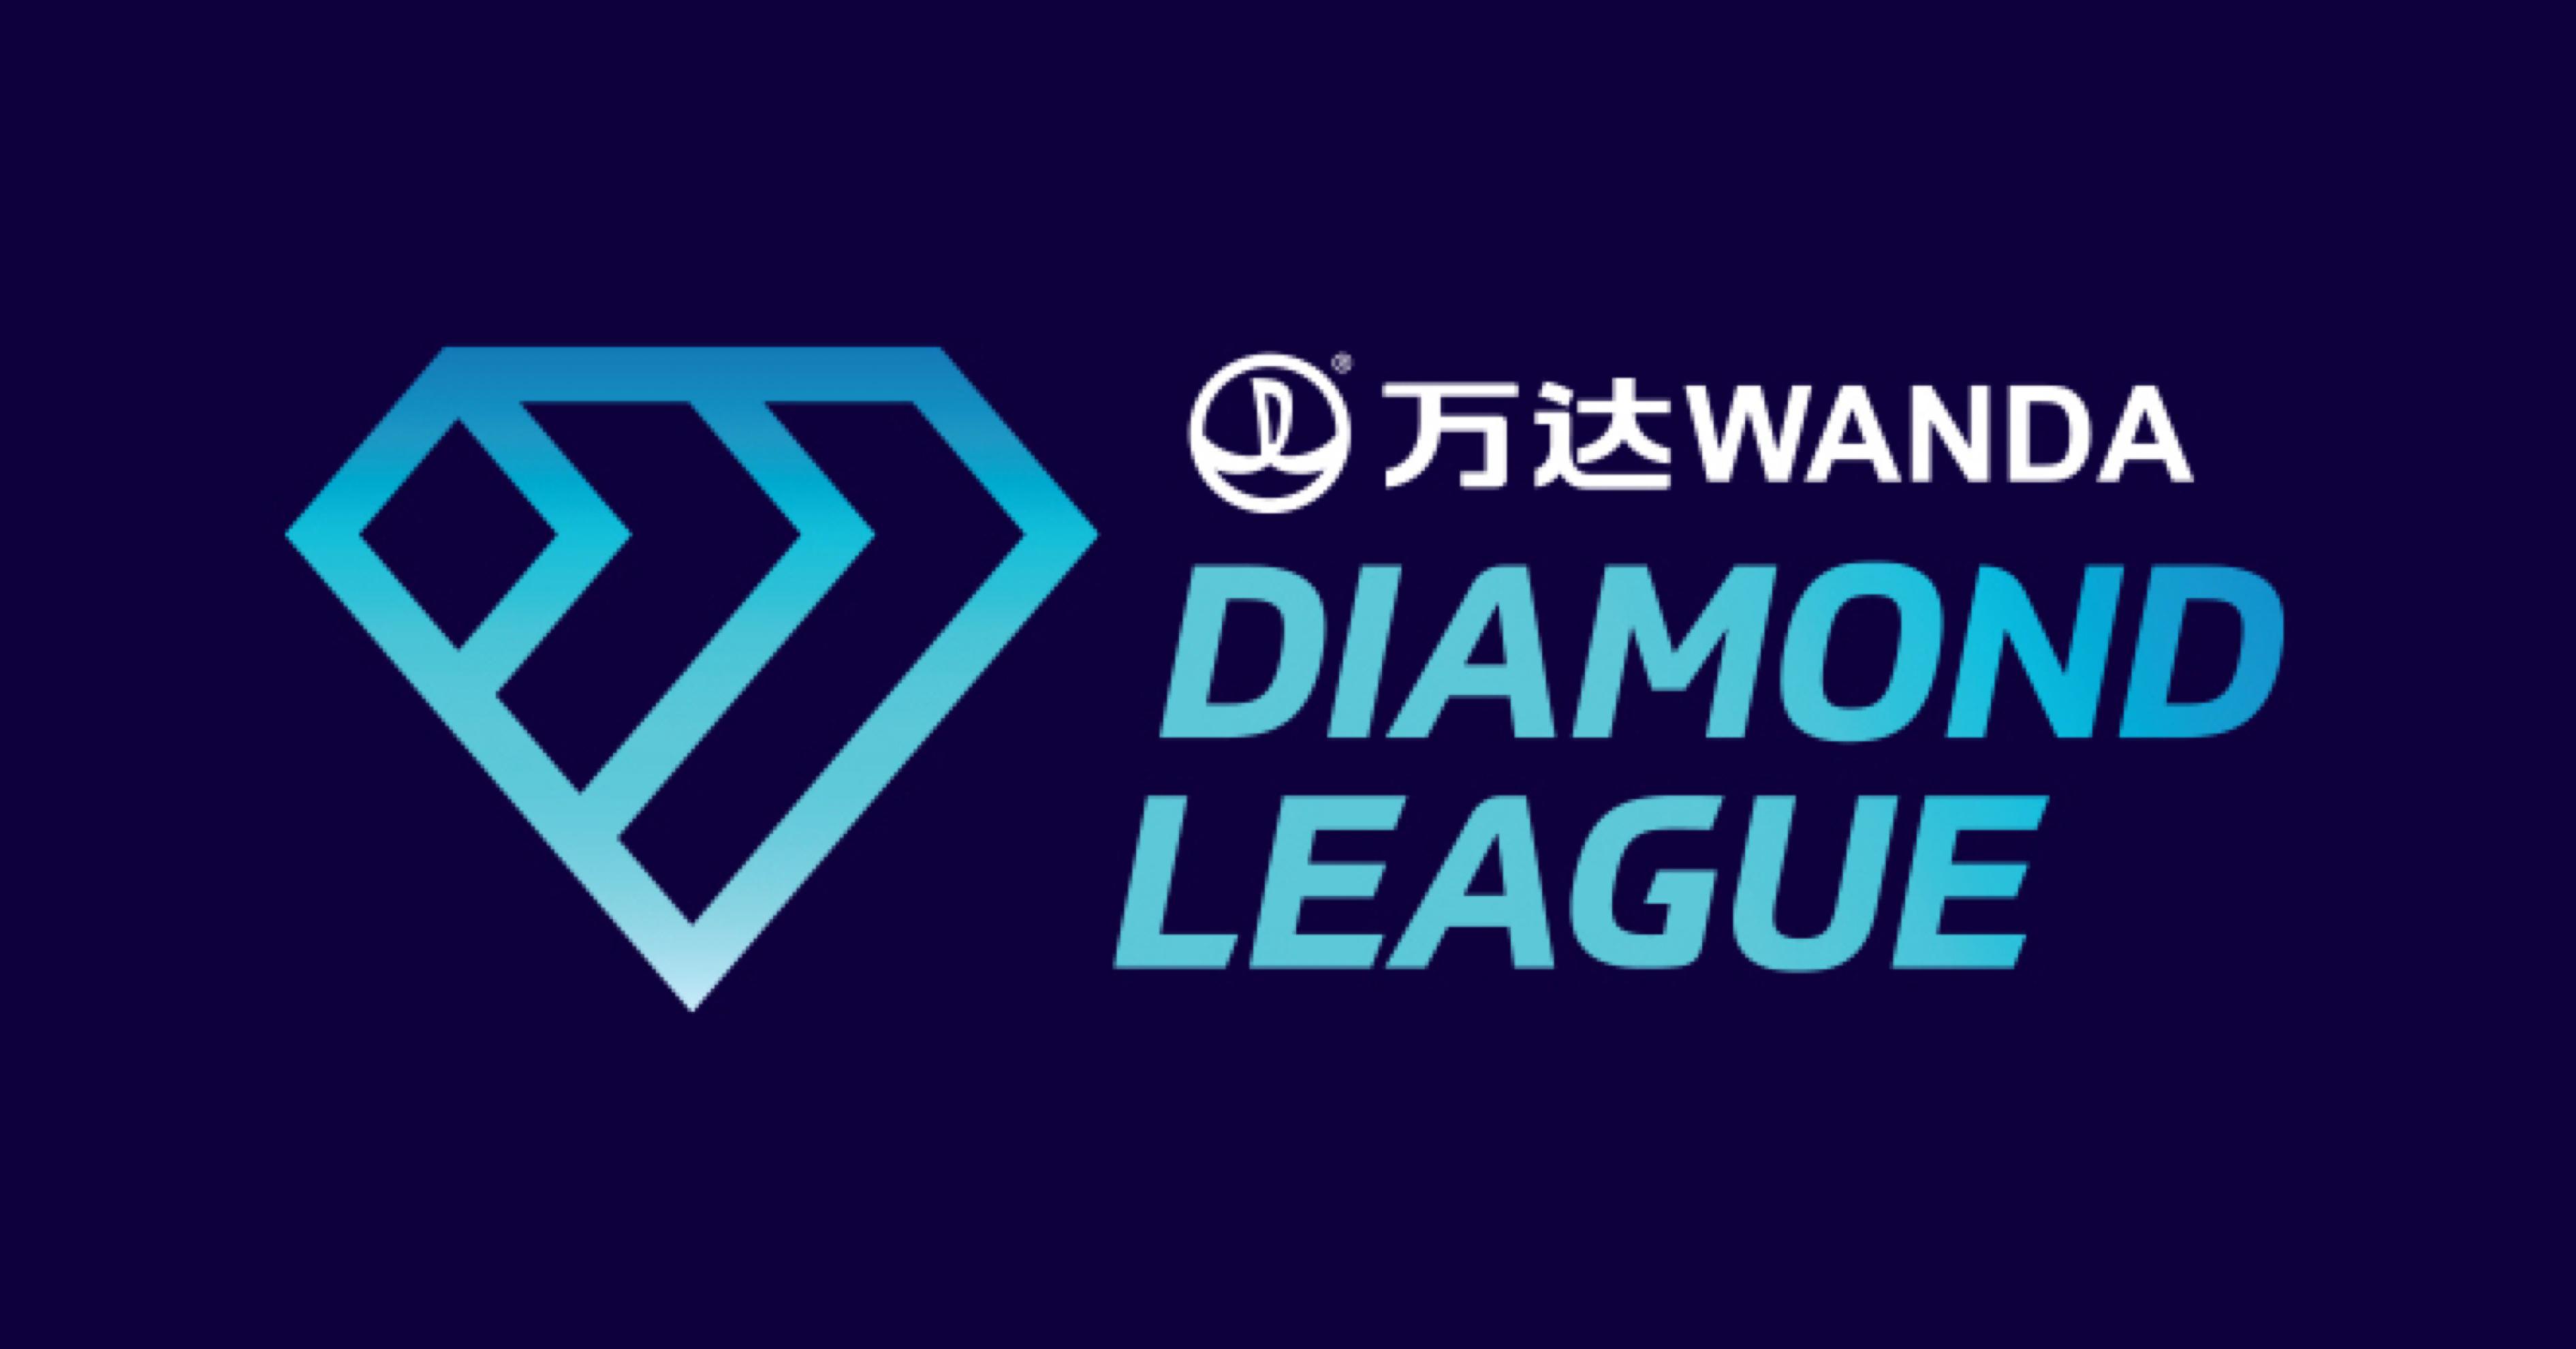 Le naming de la Diamond League pour Wanda